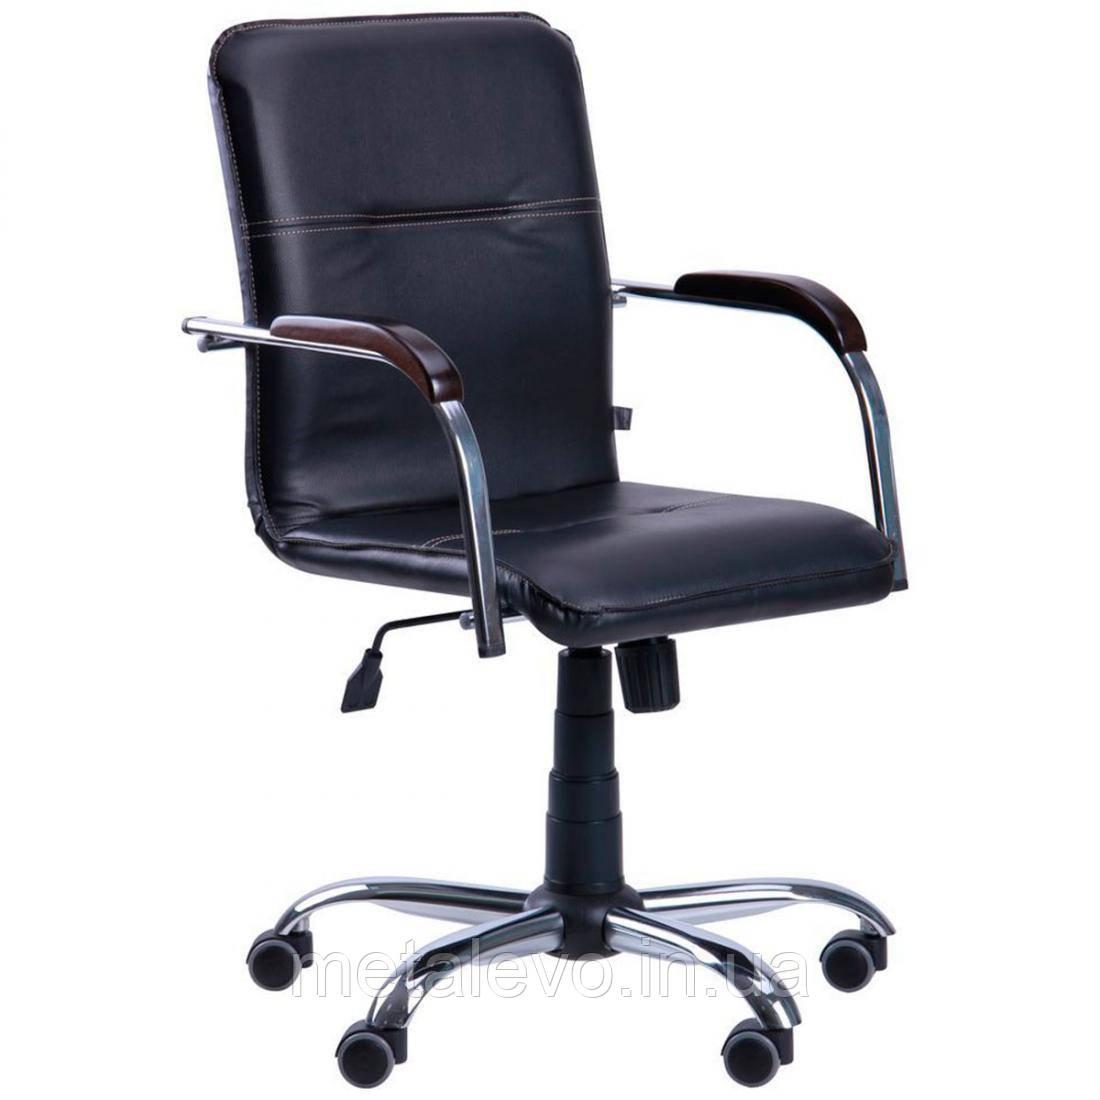 Офисное кресло для посетителей Самба (Samba) ТМ Новый Стиль